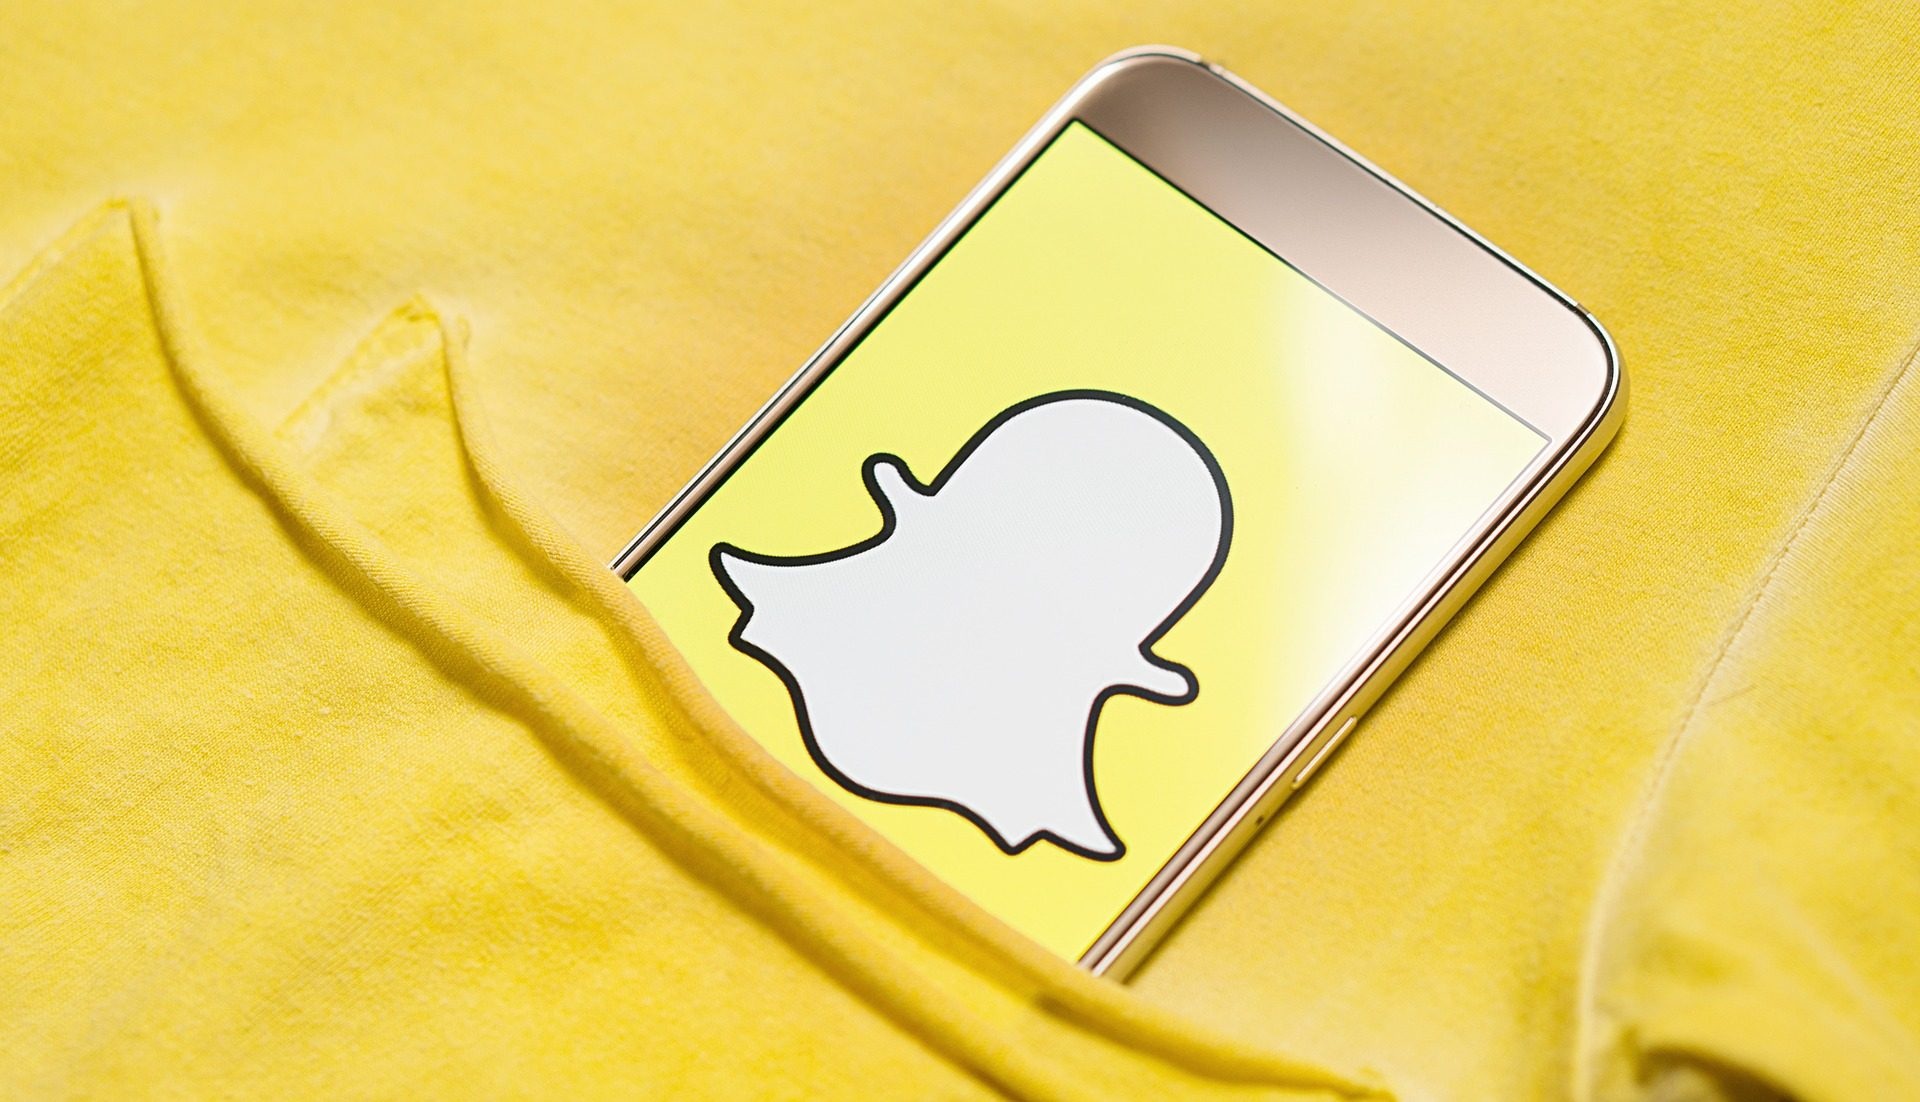 Snapchat: Was bedeutet das rote Herz neben den Kontakten